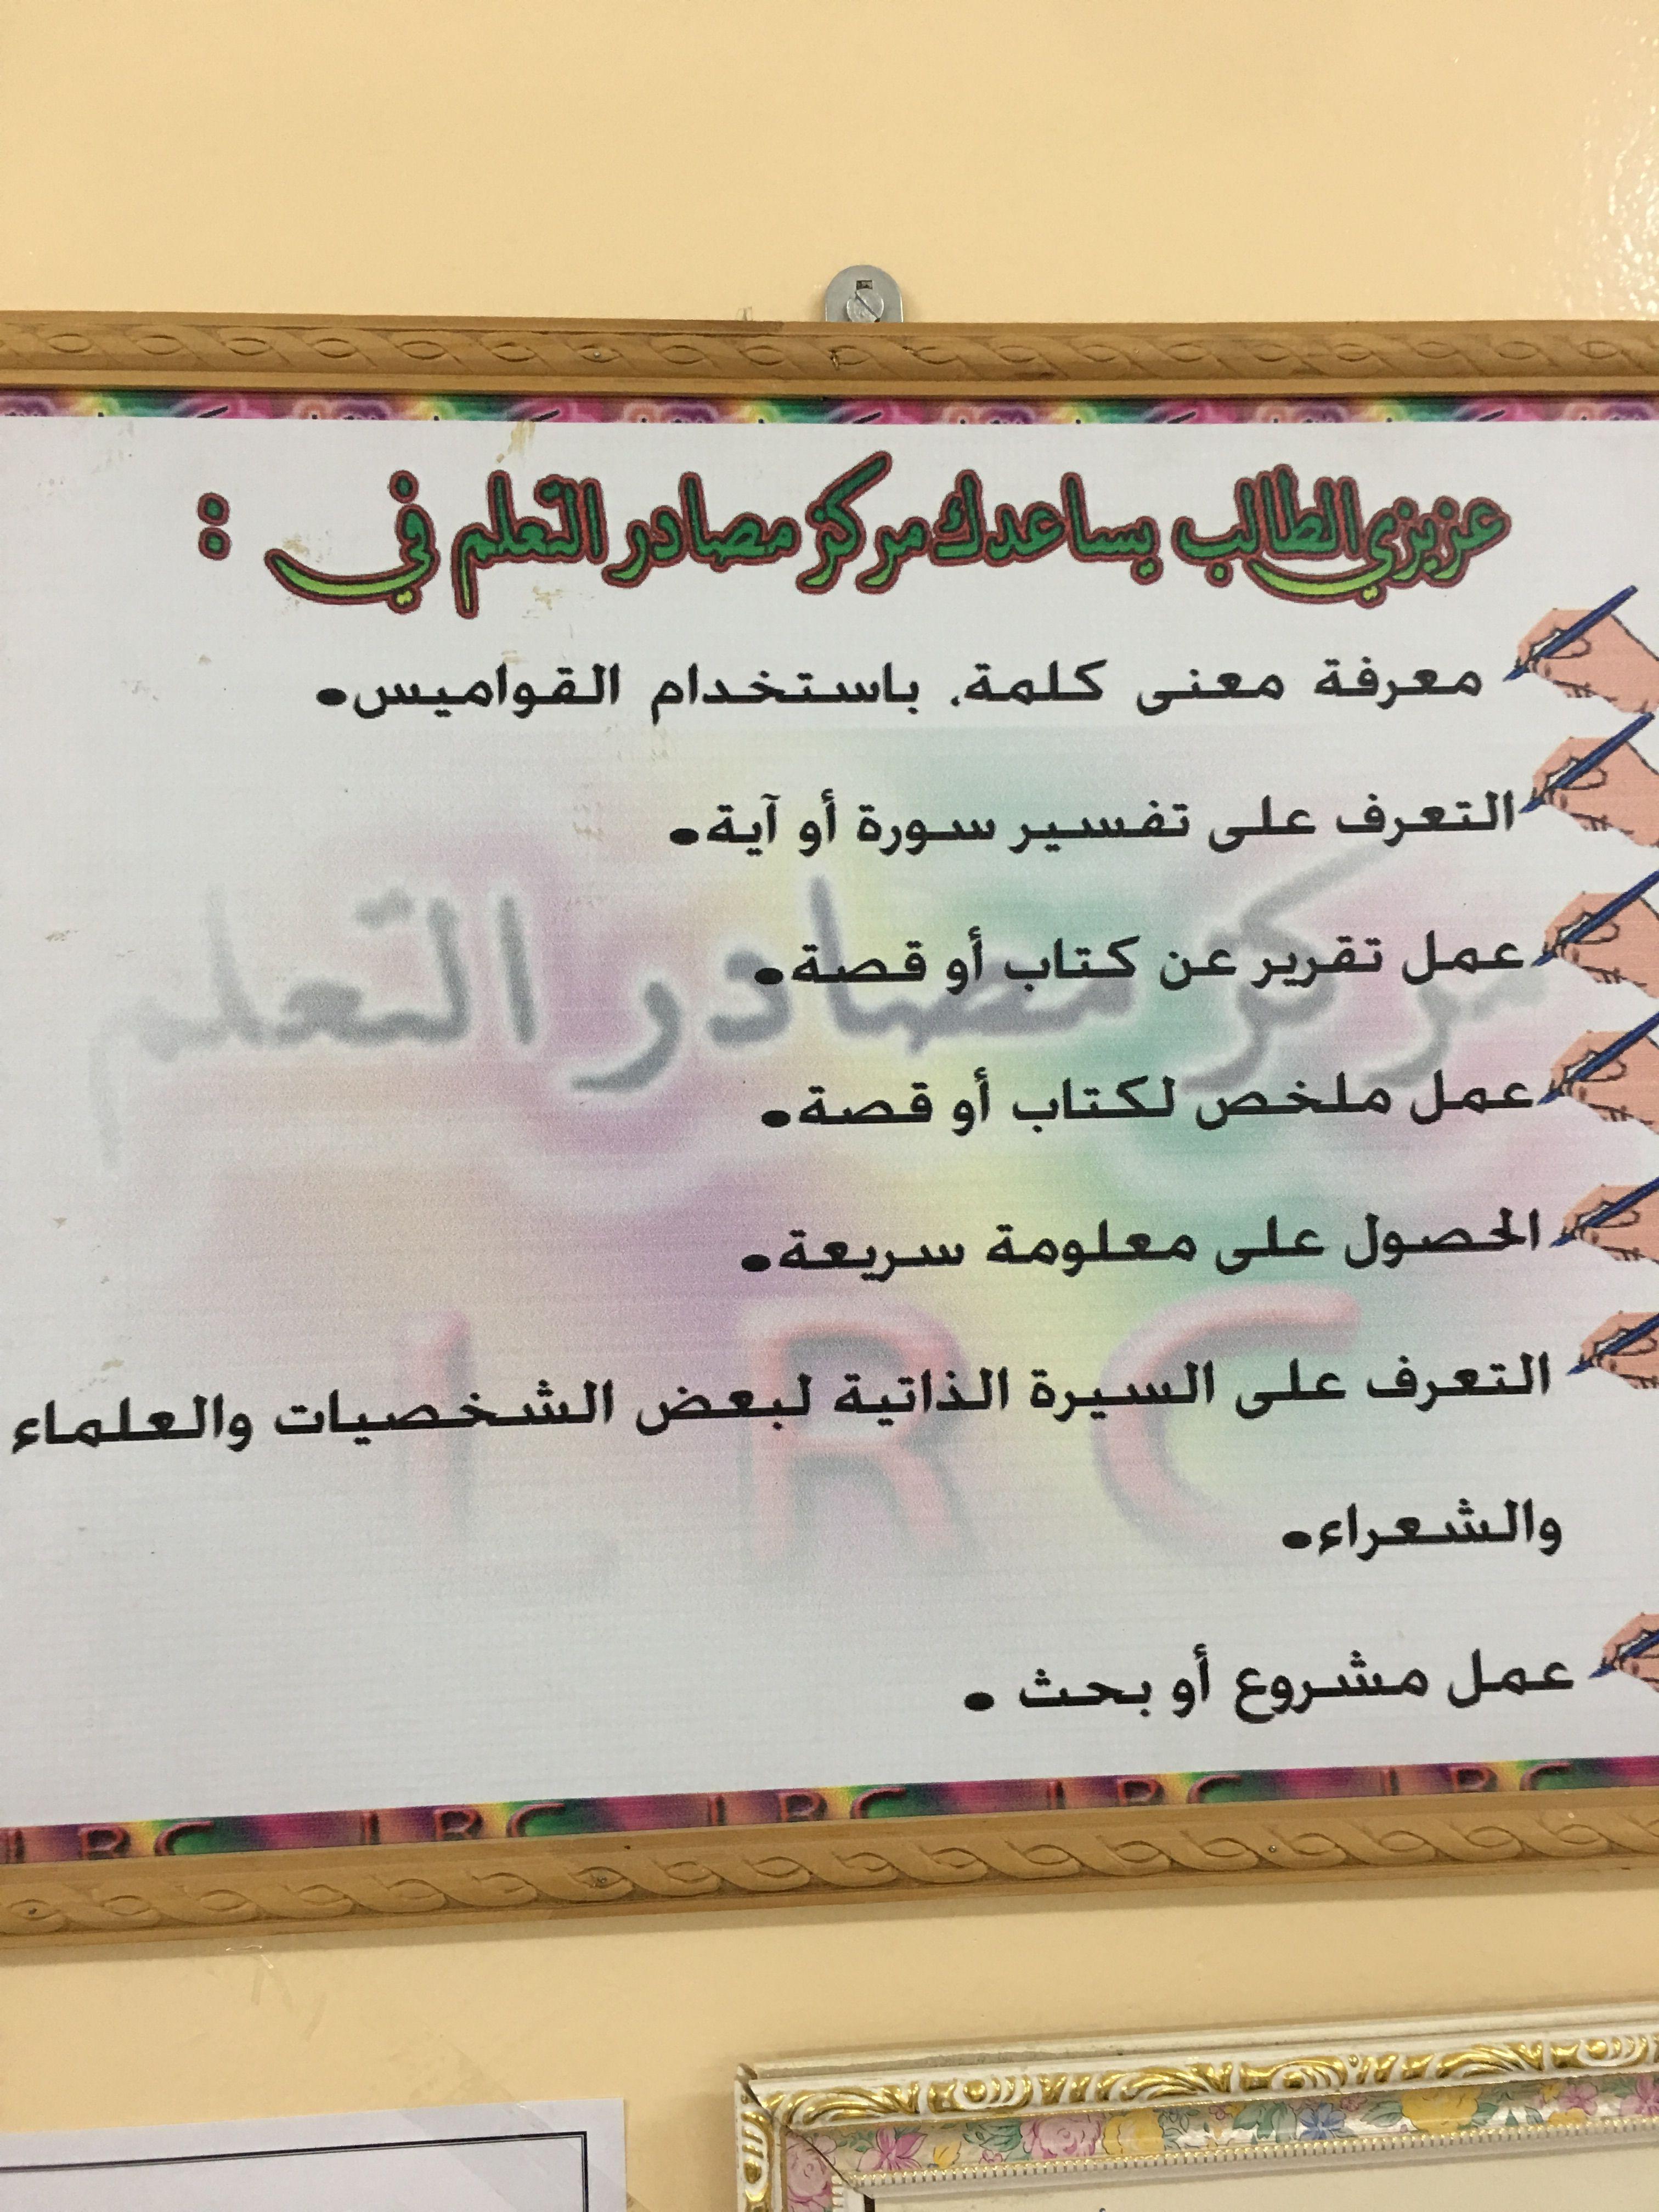 لوحة بمركز مصادر التعلم في مدرسة النعمان بن بشير Children Photography Library Calligraphy